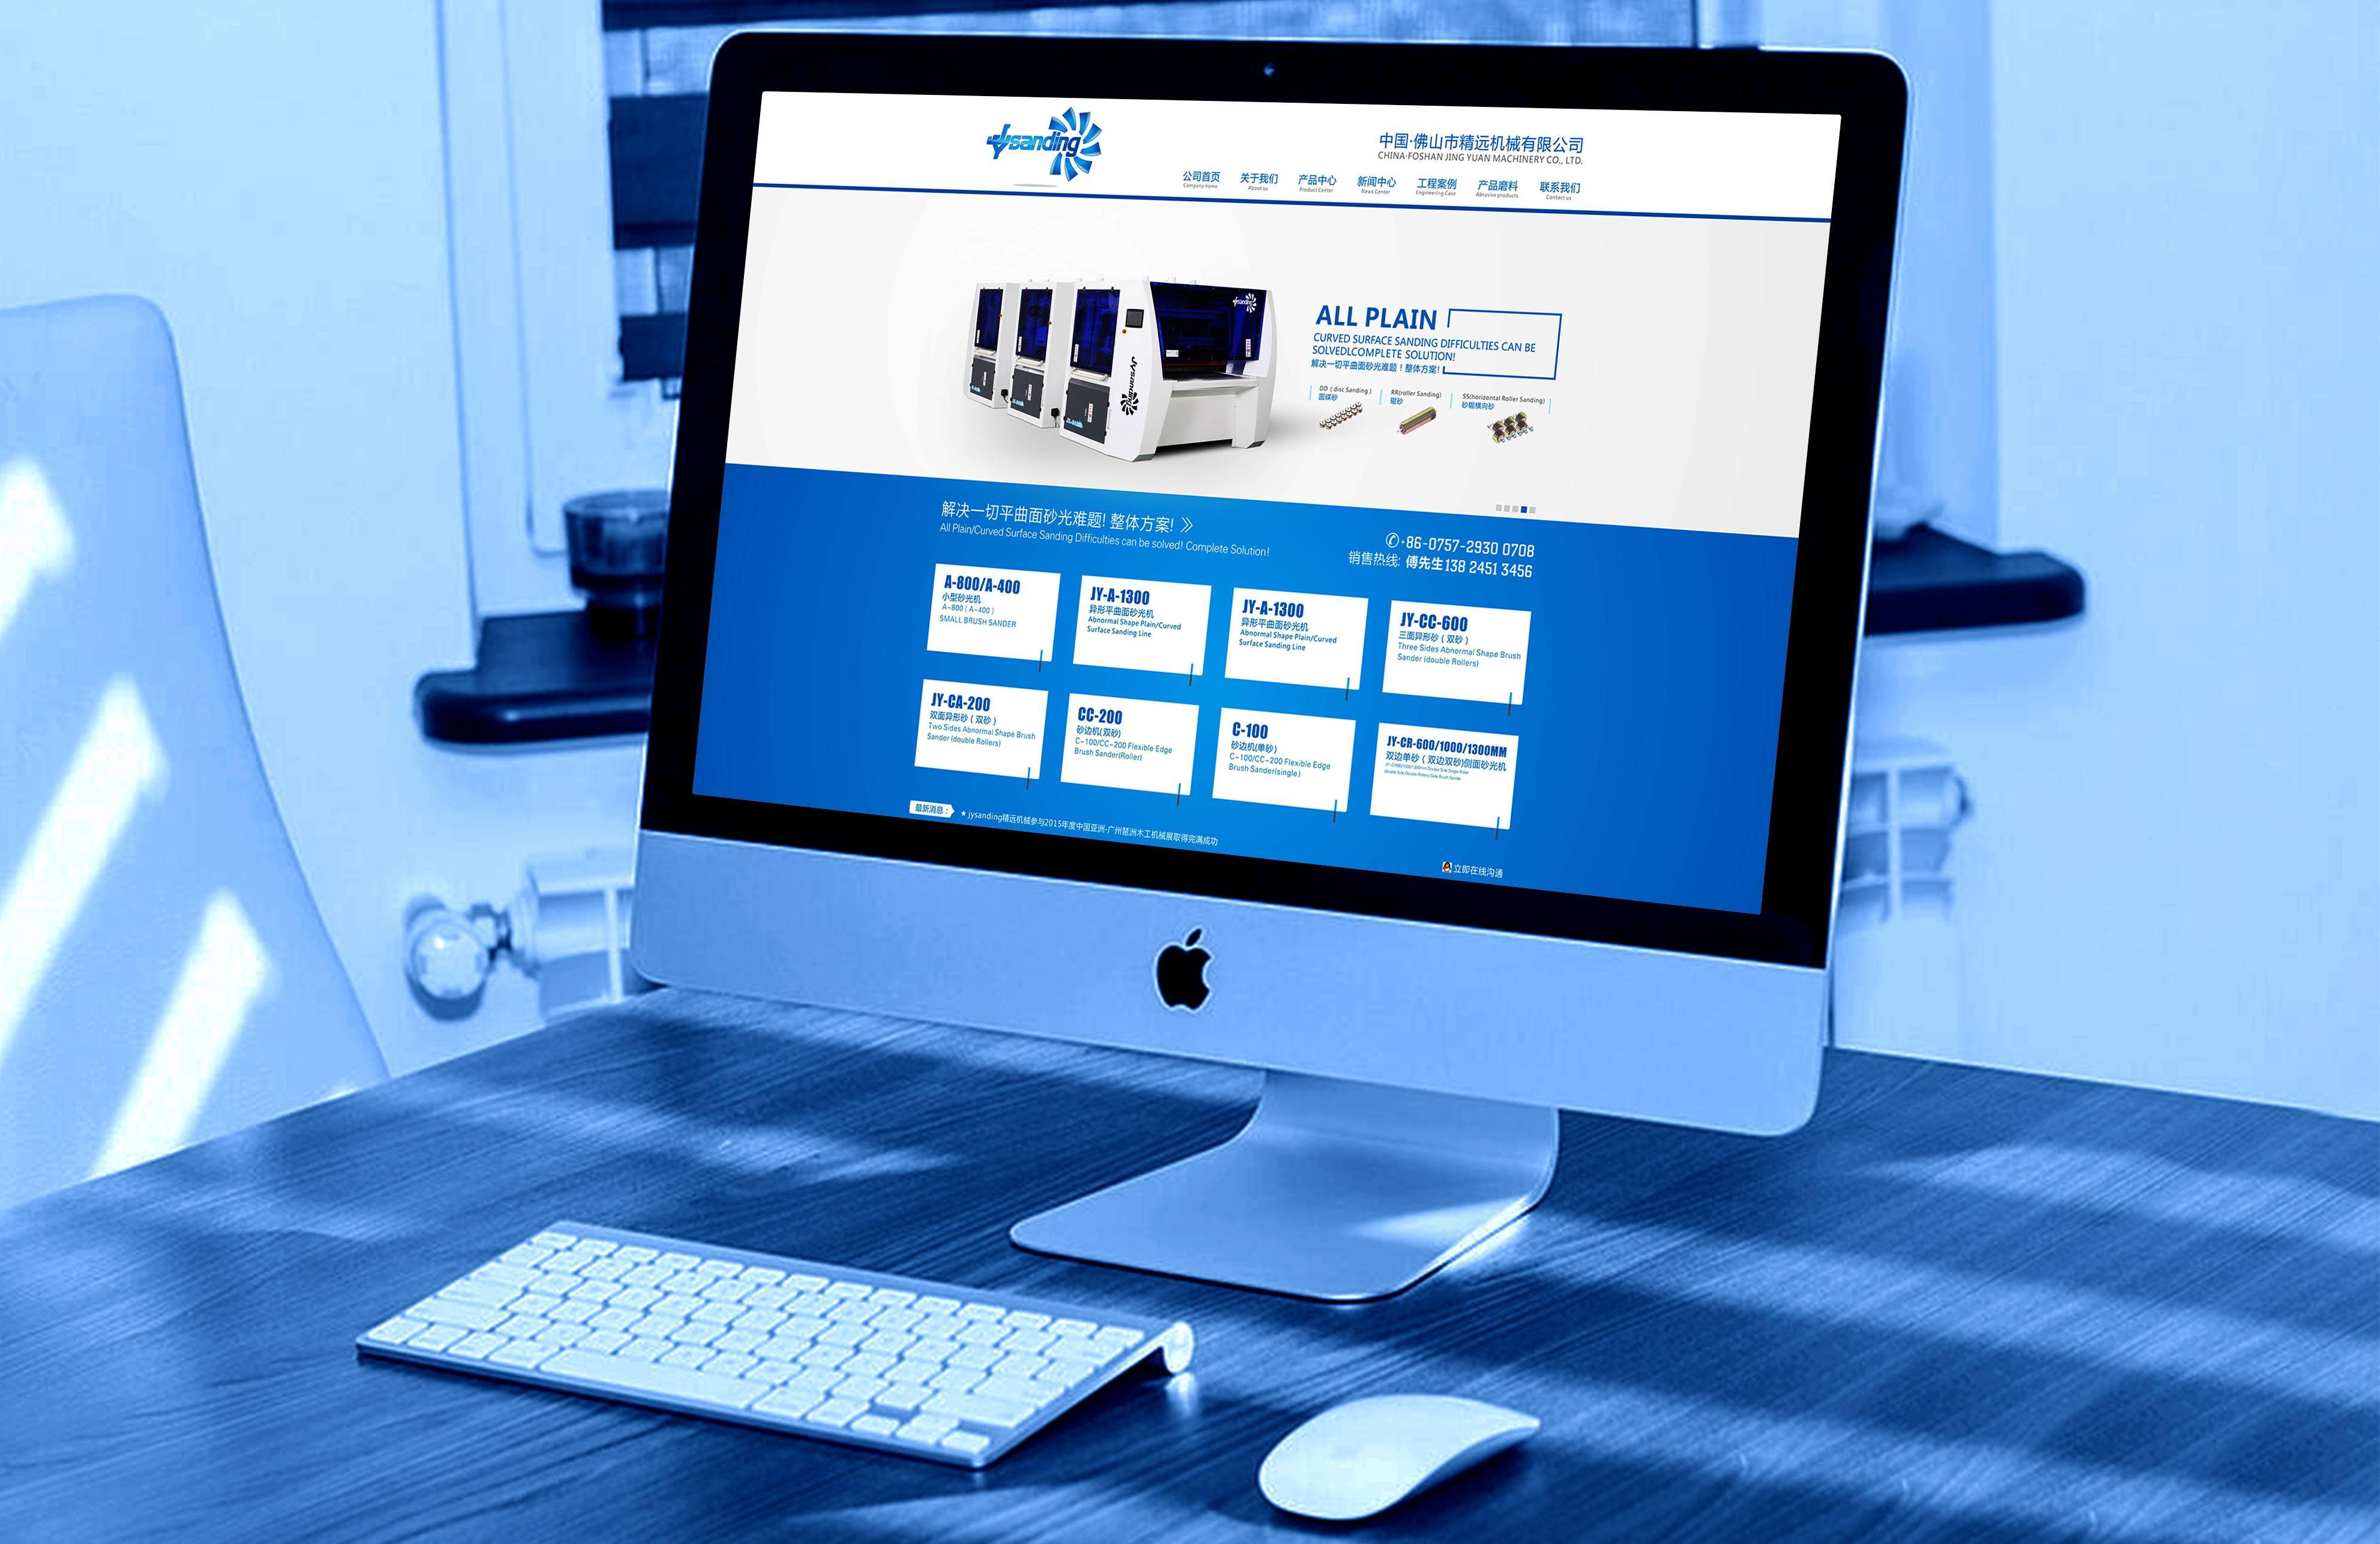 平顶山企业网站设计中如何提升网站的吸引力?